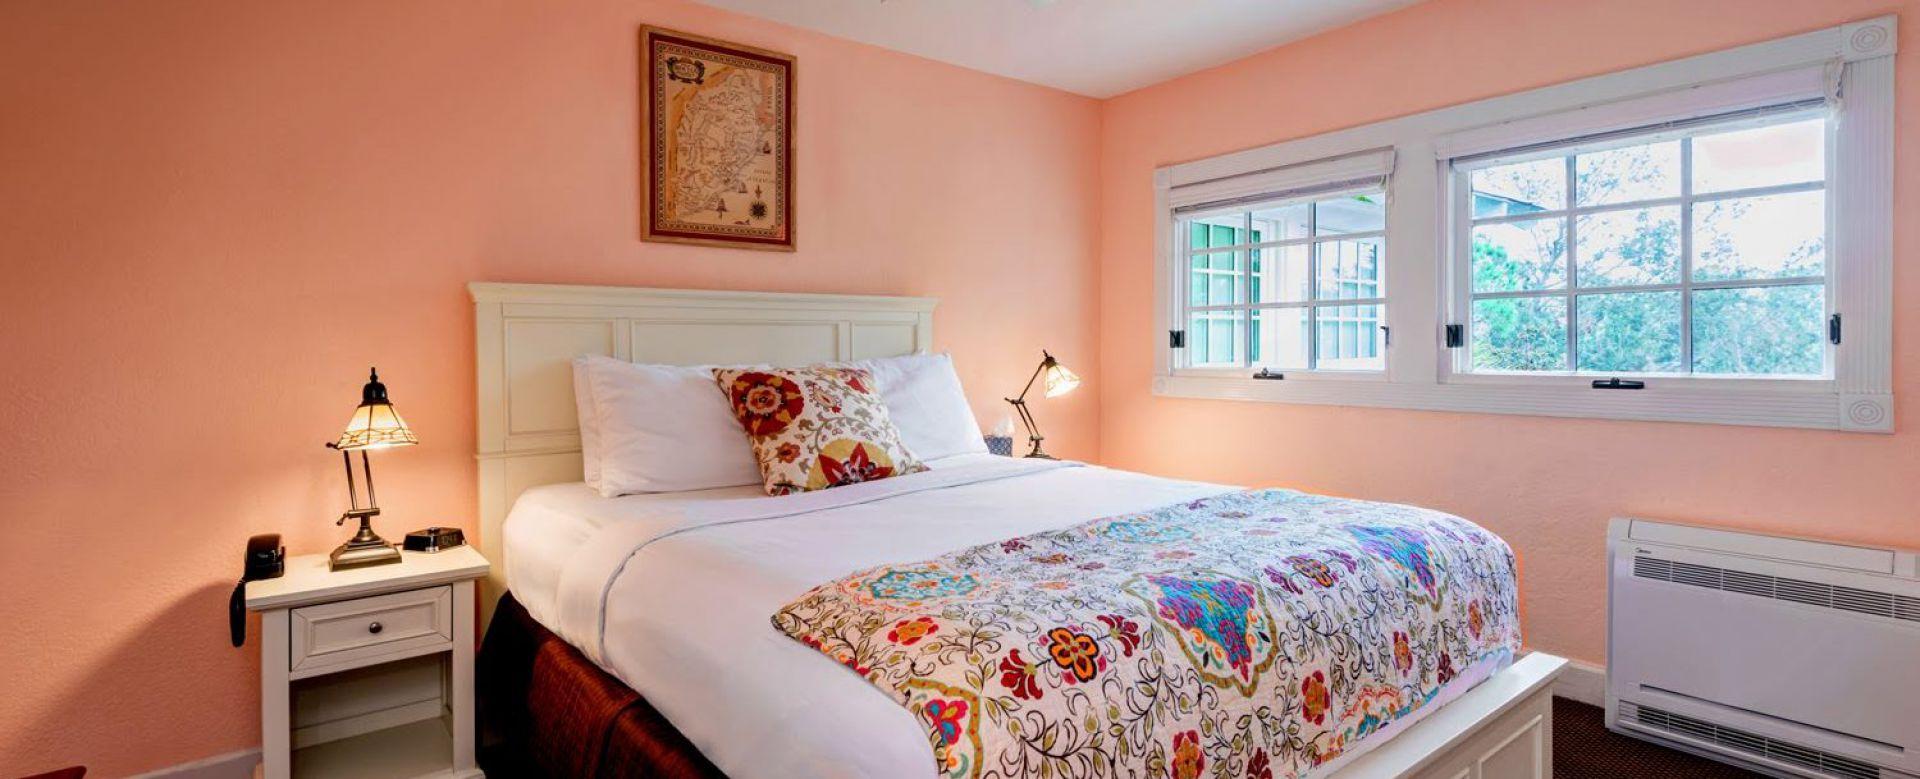 The Burma Suite Bedroom View